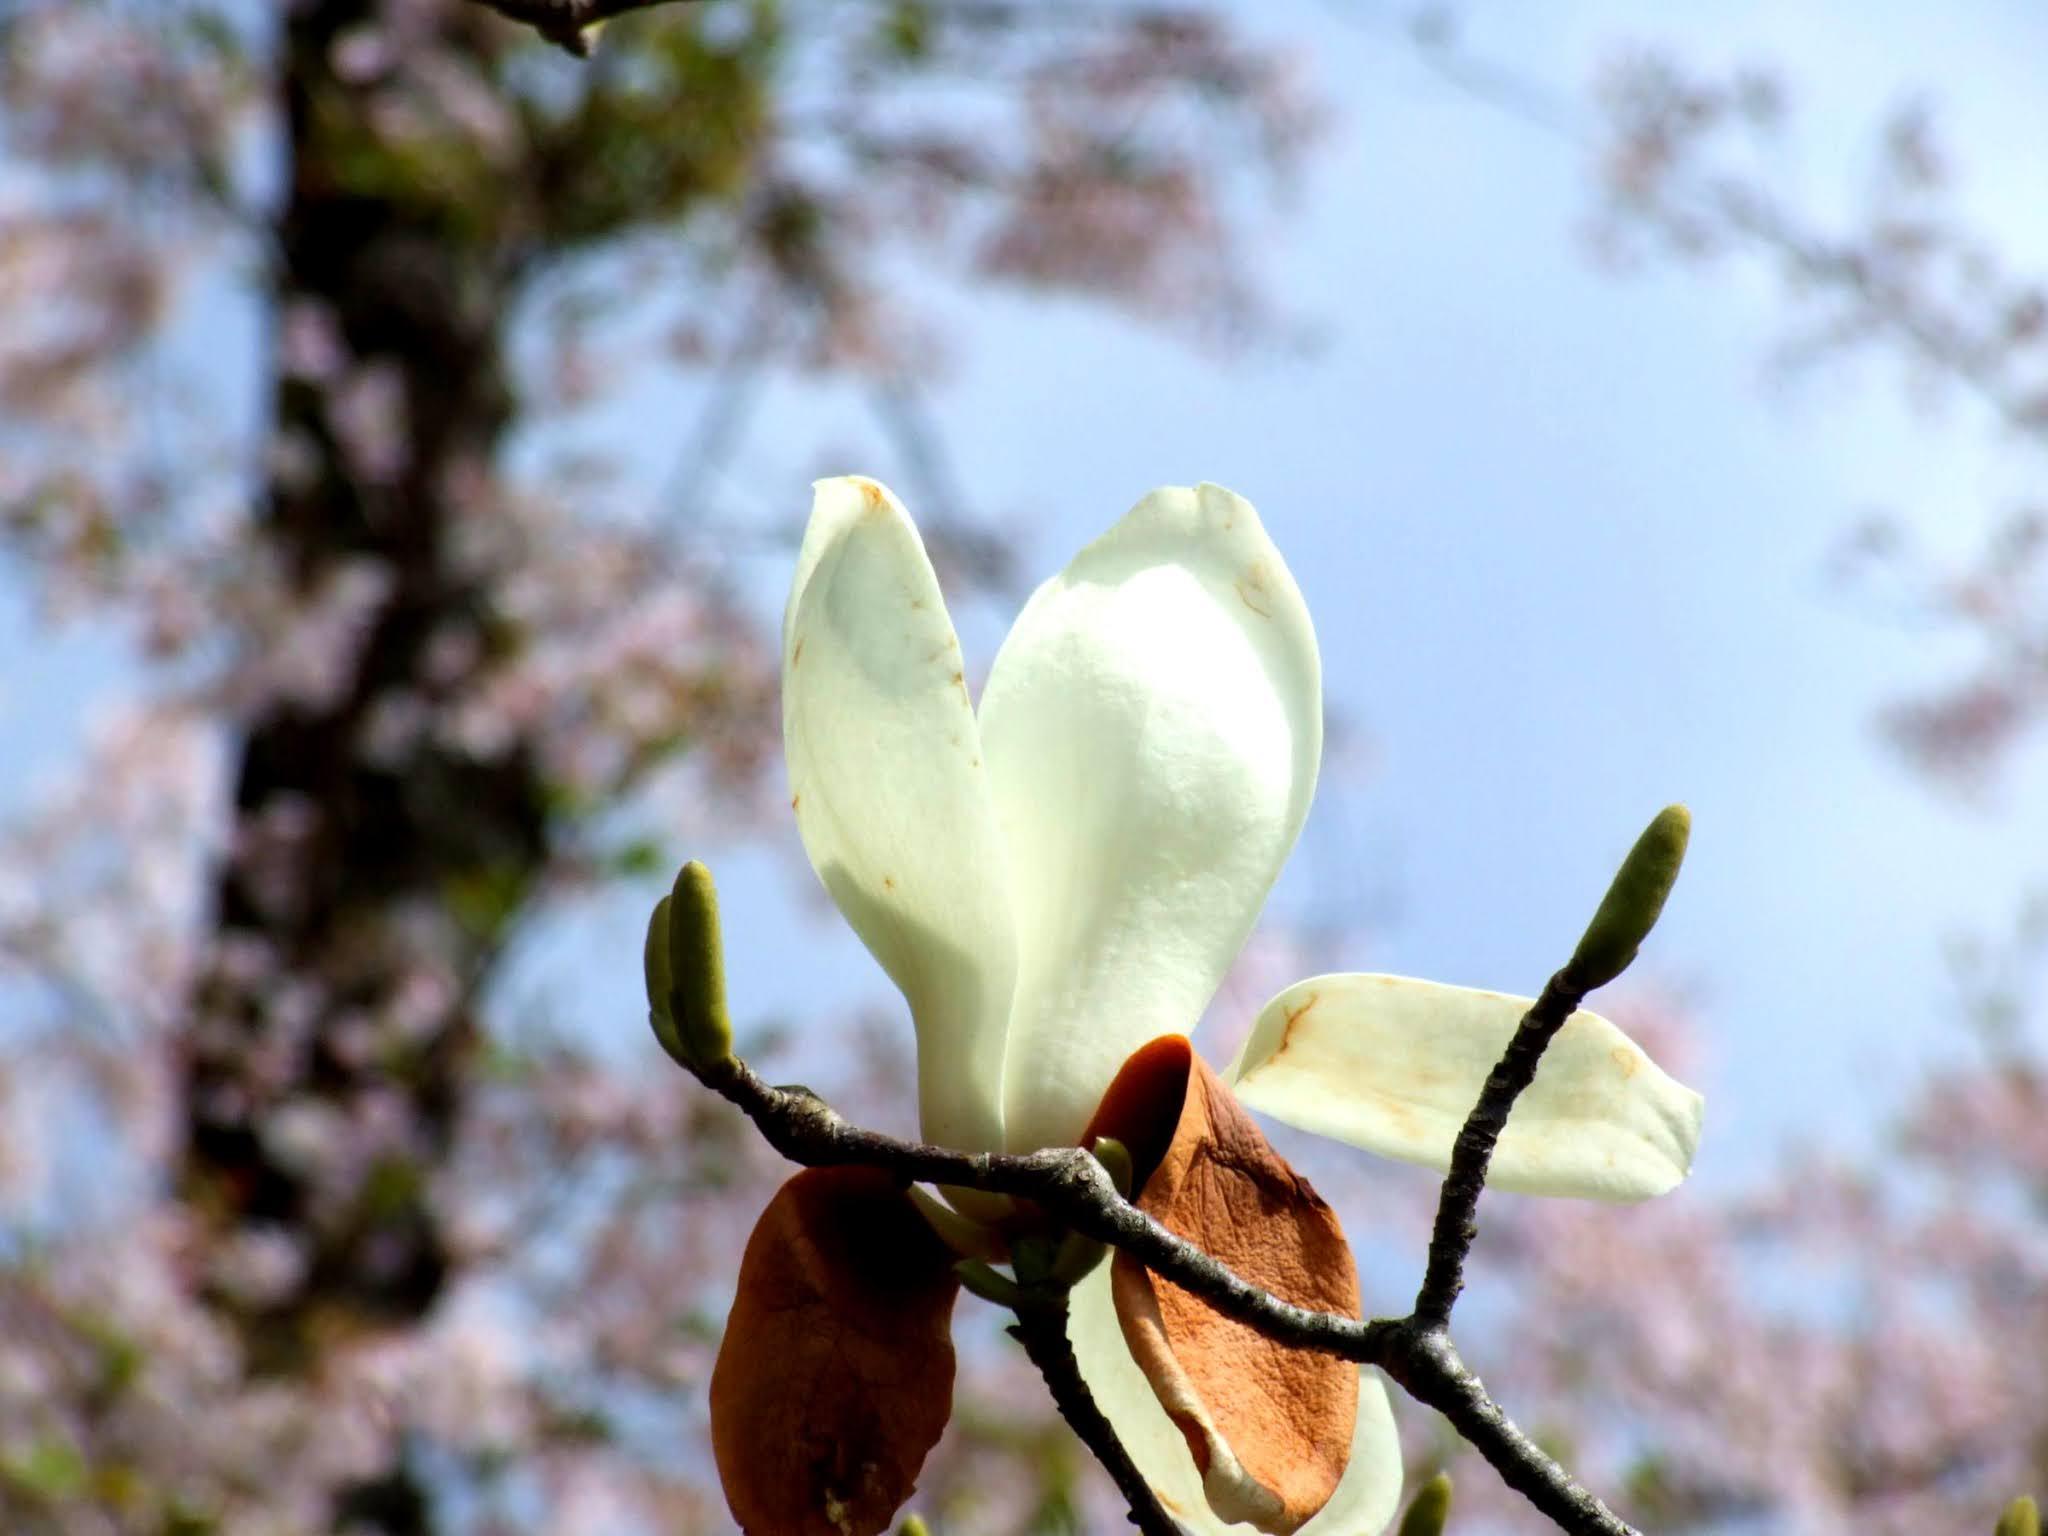 春に咲くコブシの花の写真素材です。コブシって田打ち桜とも言うんですね。ちなみに、コブシもハクモクレンなどと同じ木蓮系の花なんですね。